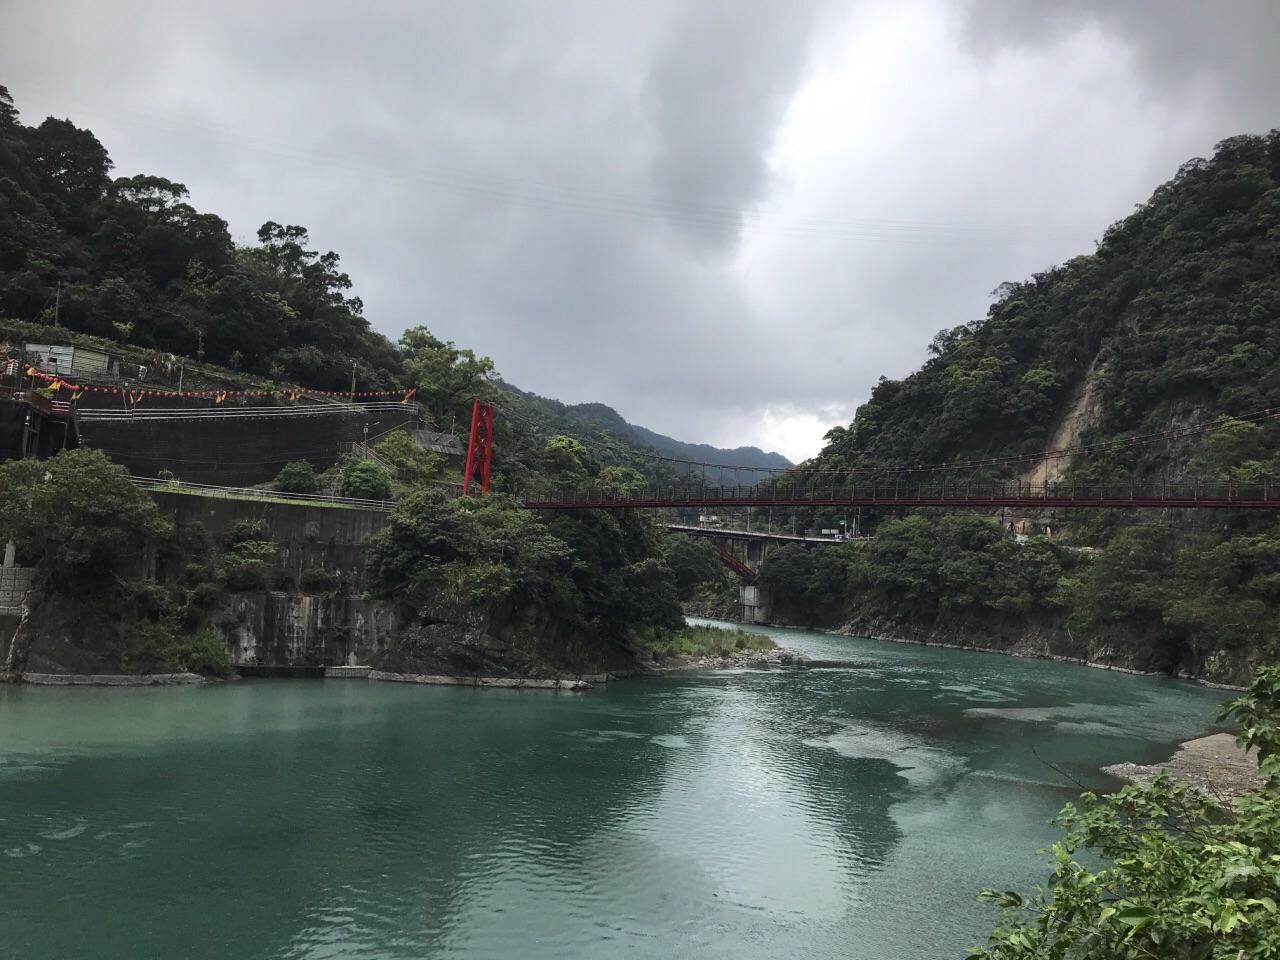 2019乌来_旅游攻略_门票_地址_游记点评,新北旅游景点